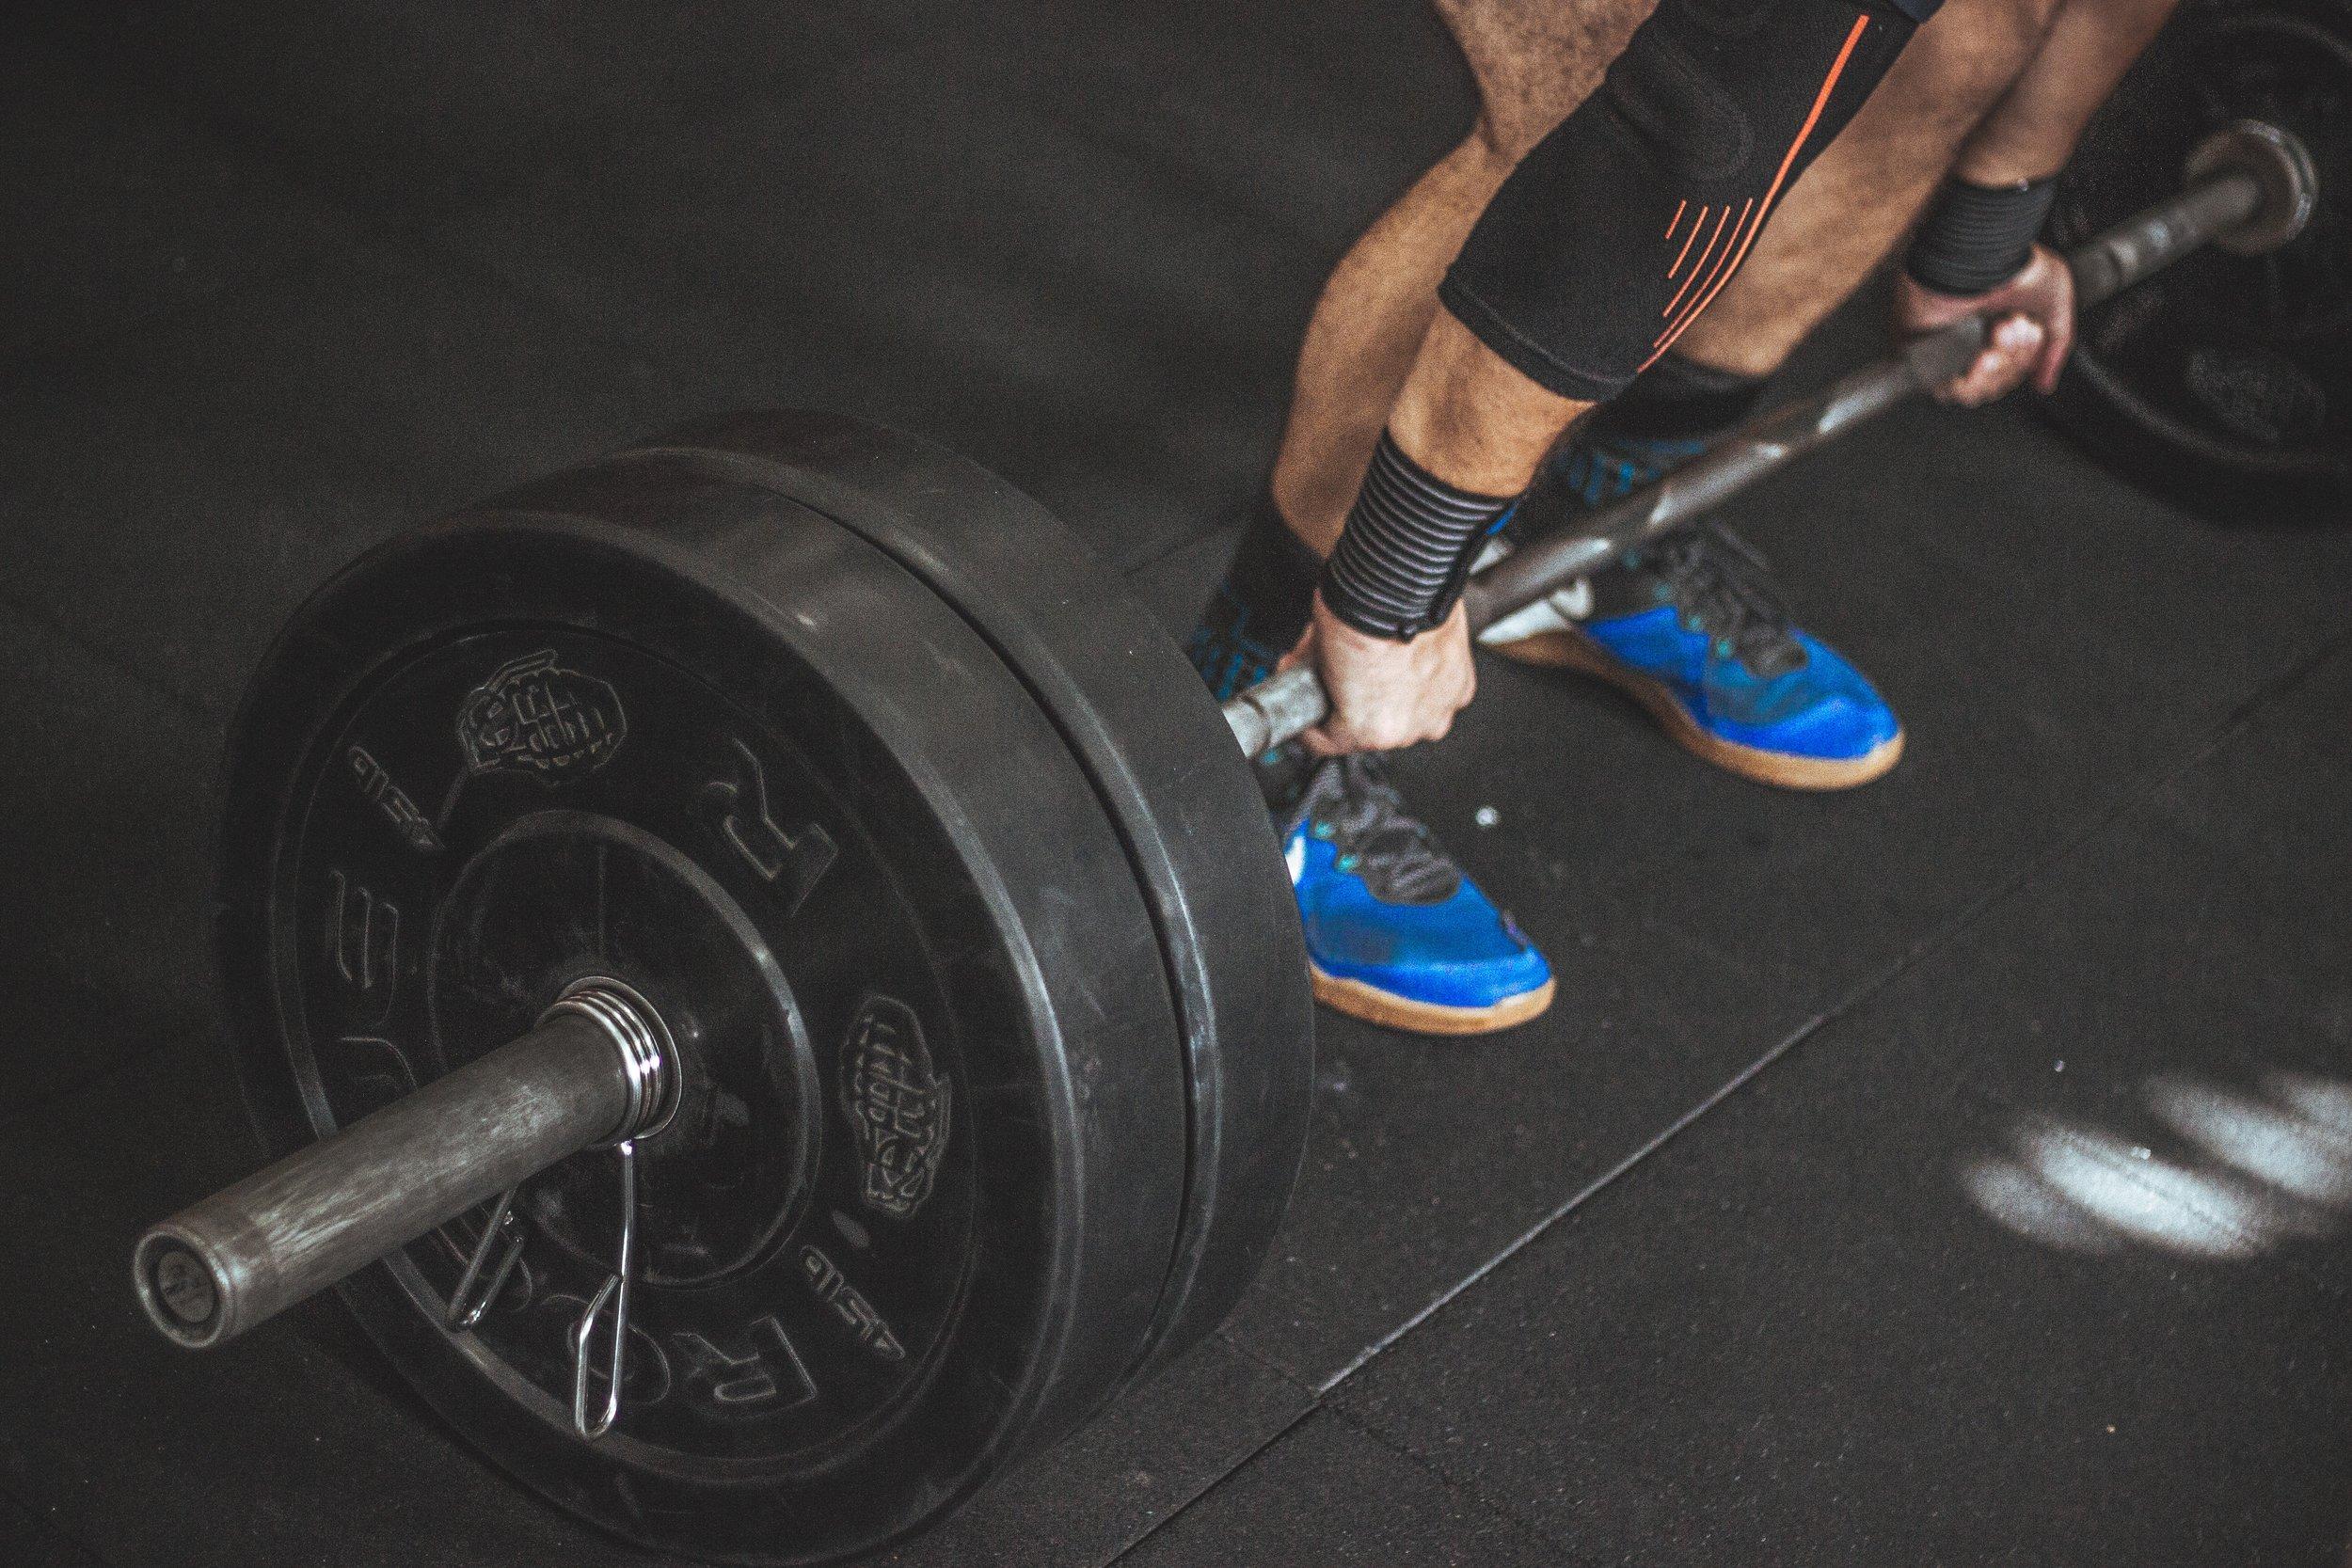 athlete-barbell-bodybuilder-949134.jpg